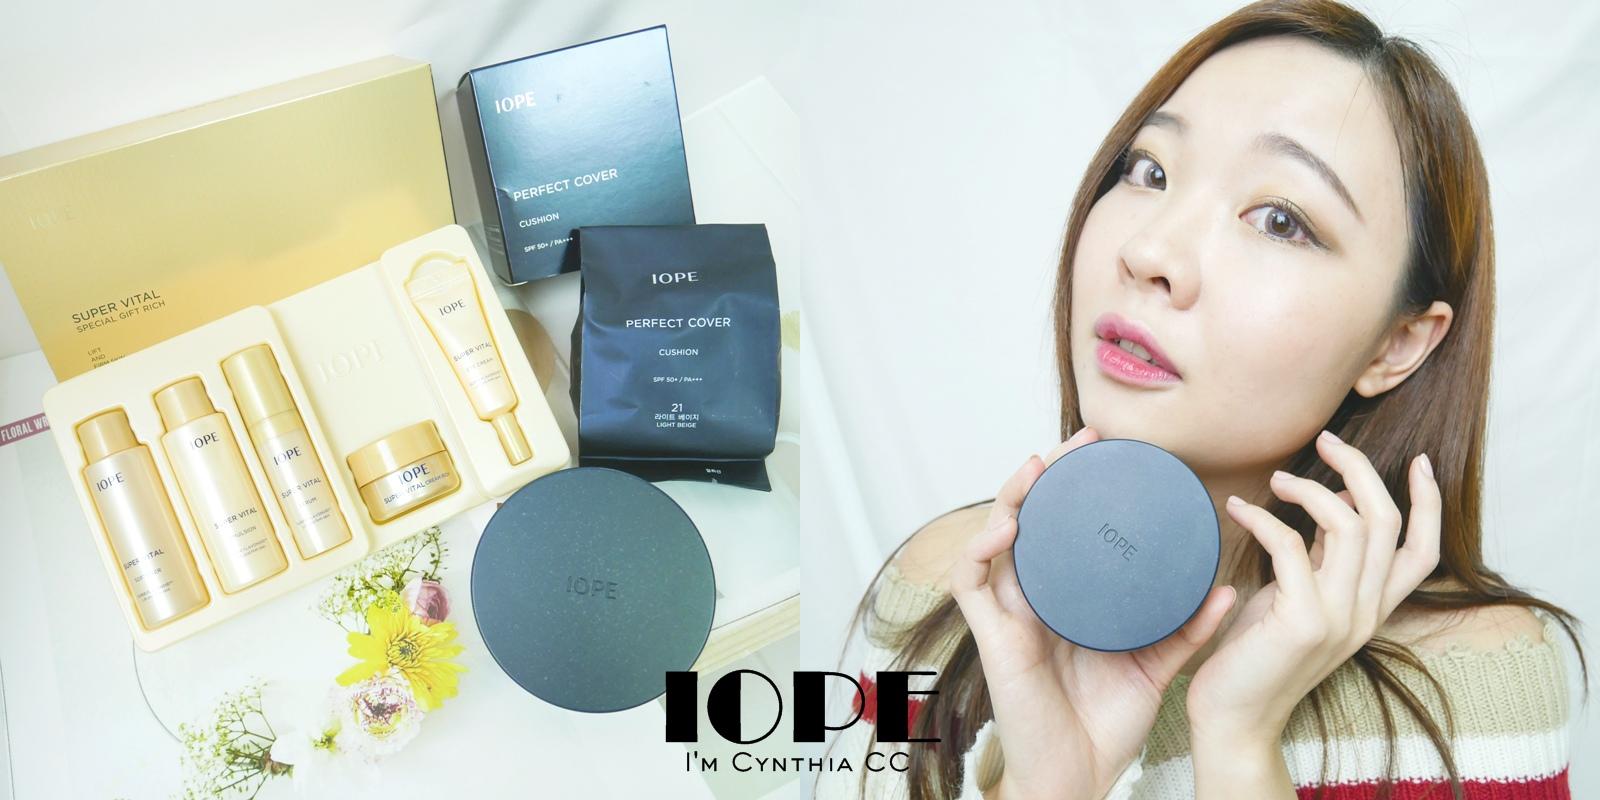 韓國美妝IOPE艾諾碧-完美恆采持色氣墊粉底&時光金鑰緻顏全套體驗組新品開箱